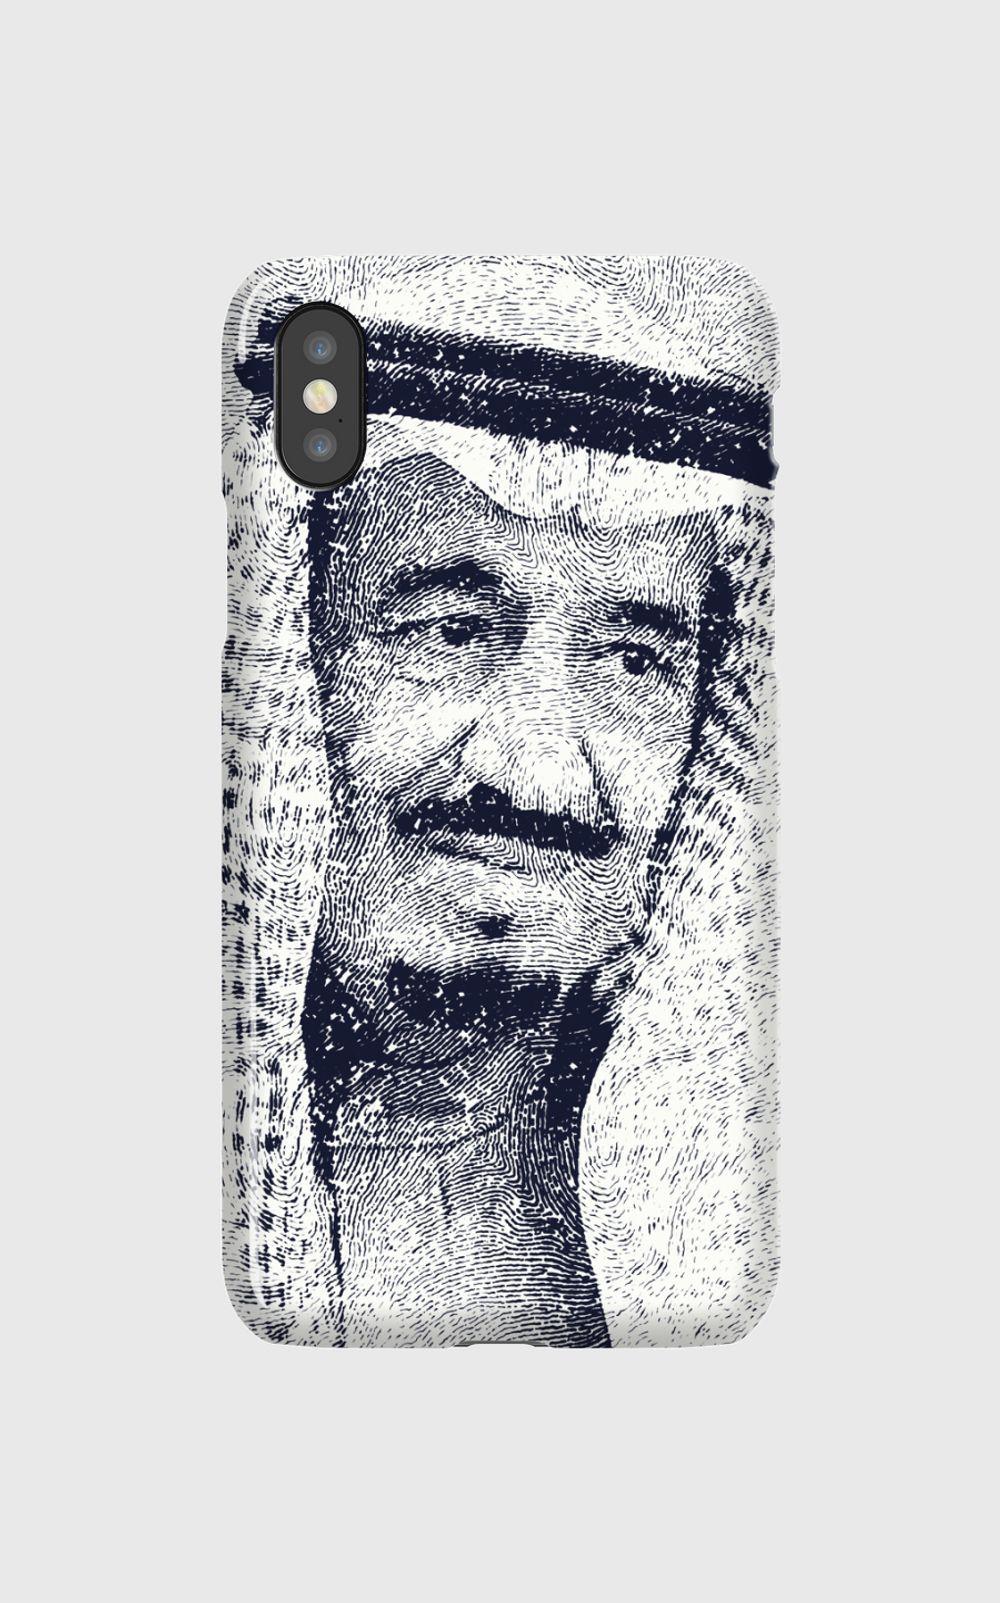 الملك سلمان بن عبدالعزيز By Elegentstore Iphone Spark Custom Iphone Cases Iphone Shop Iphone Case Design